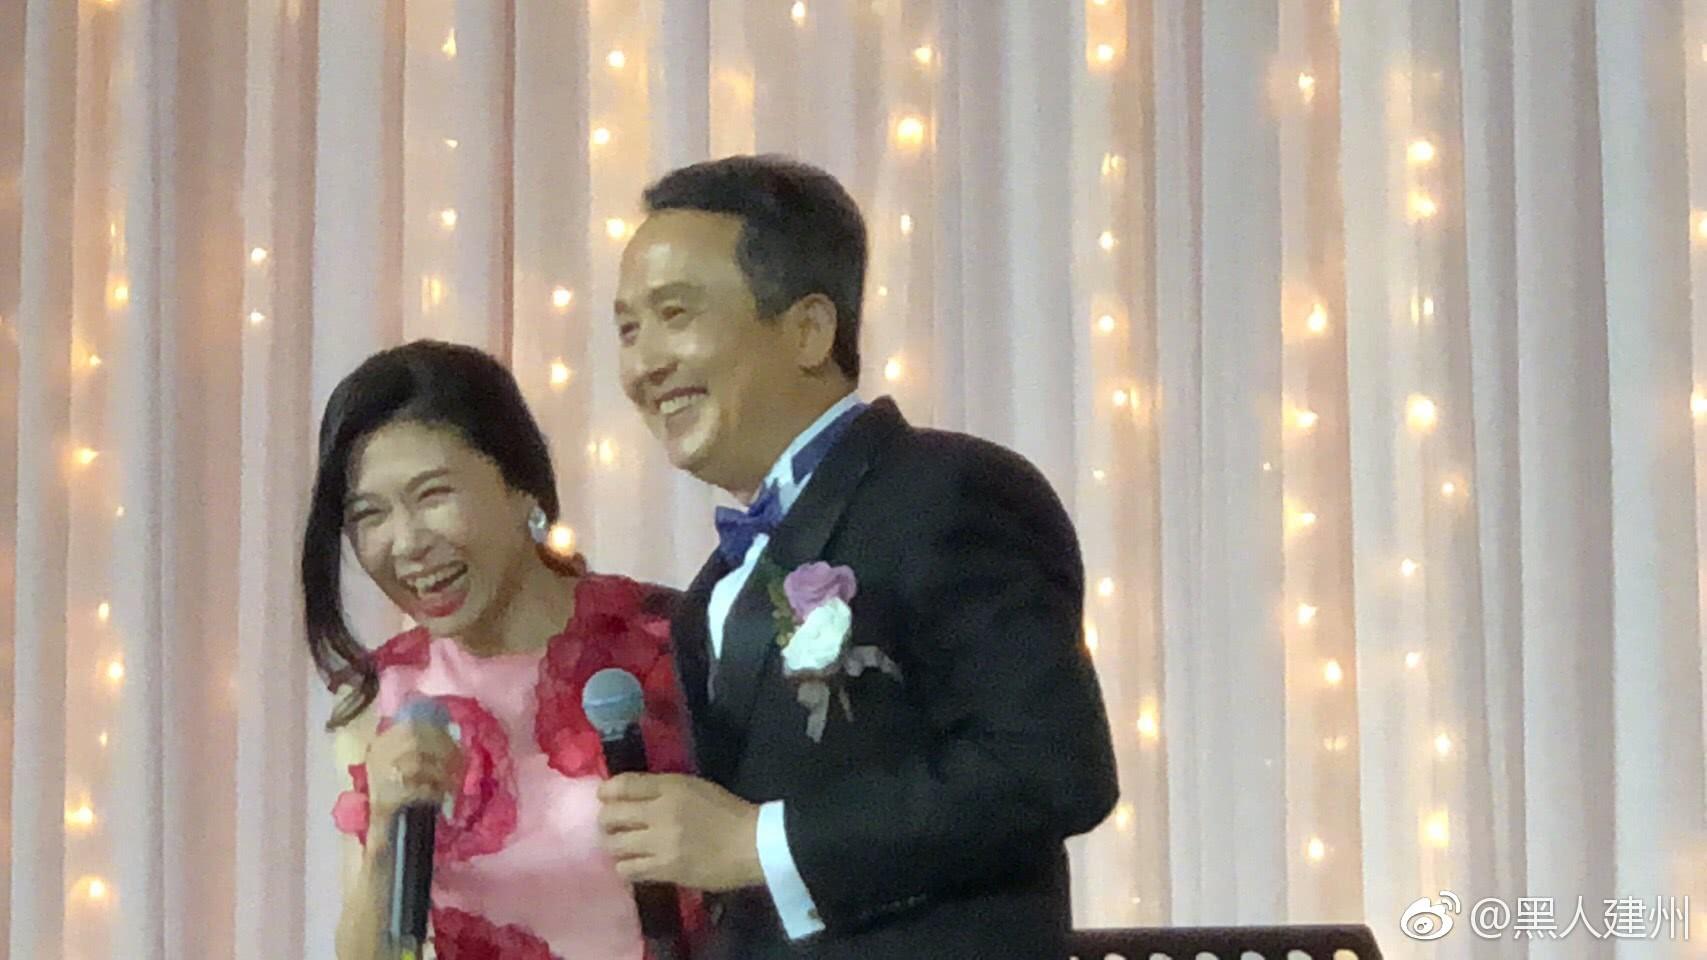 Đám cưới hoành tráng mời nửa showbiz Đài: Cô dâu năm nay đã 54 tuổi - Ảnh 4.